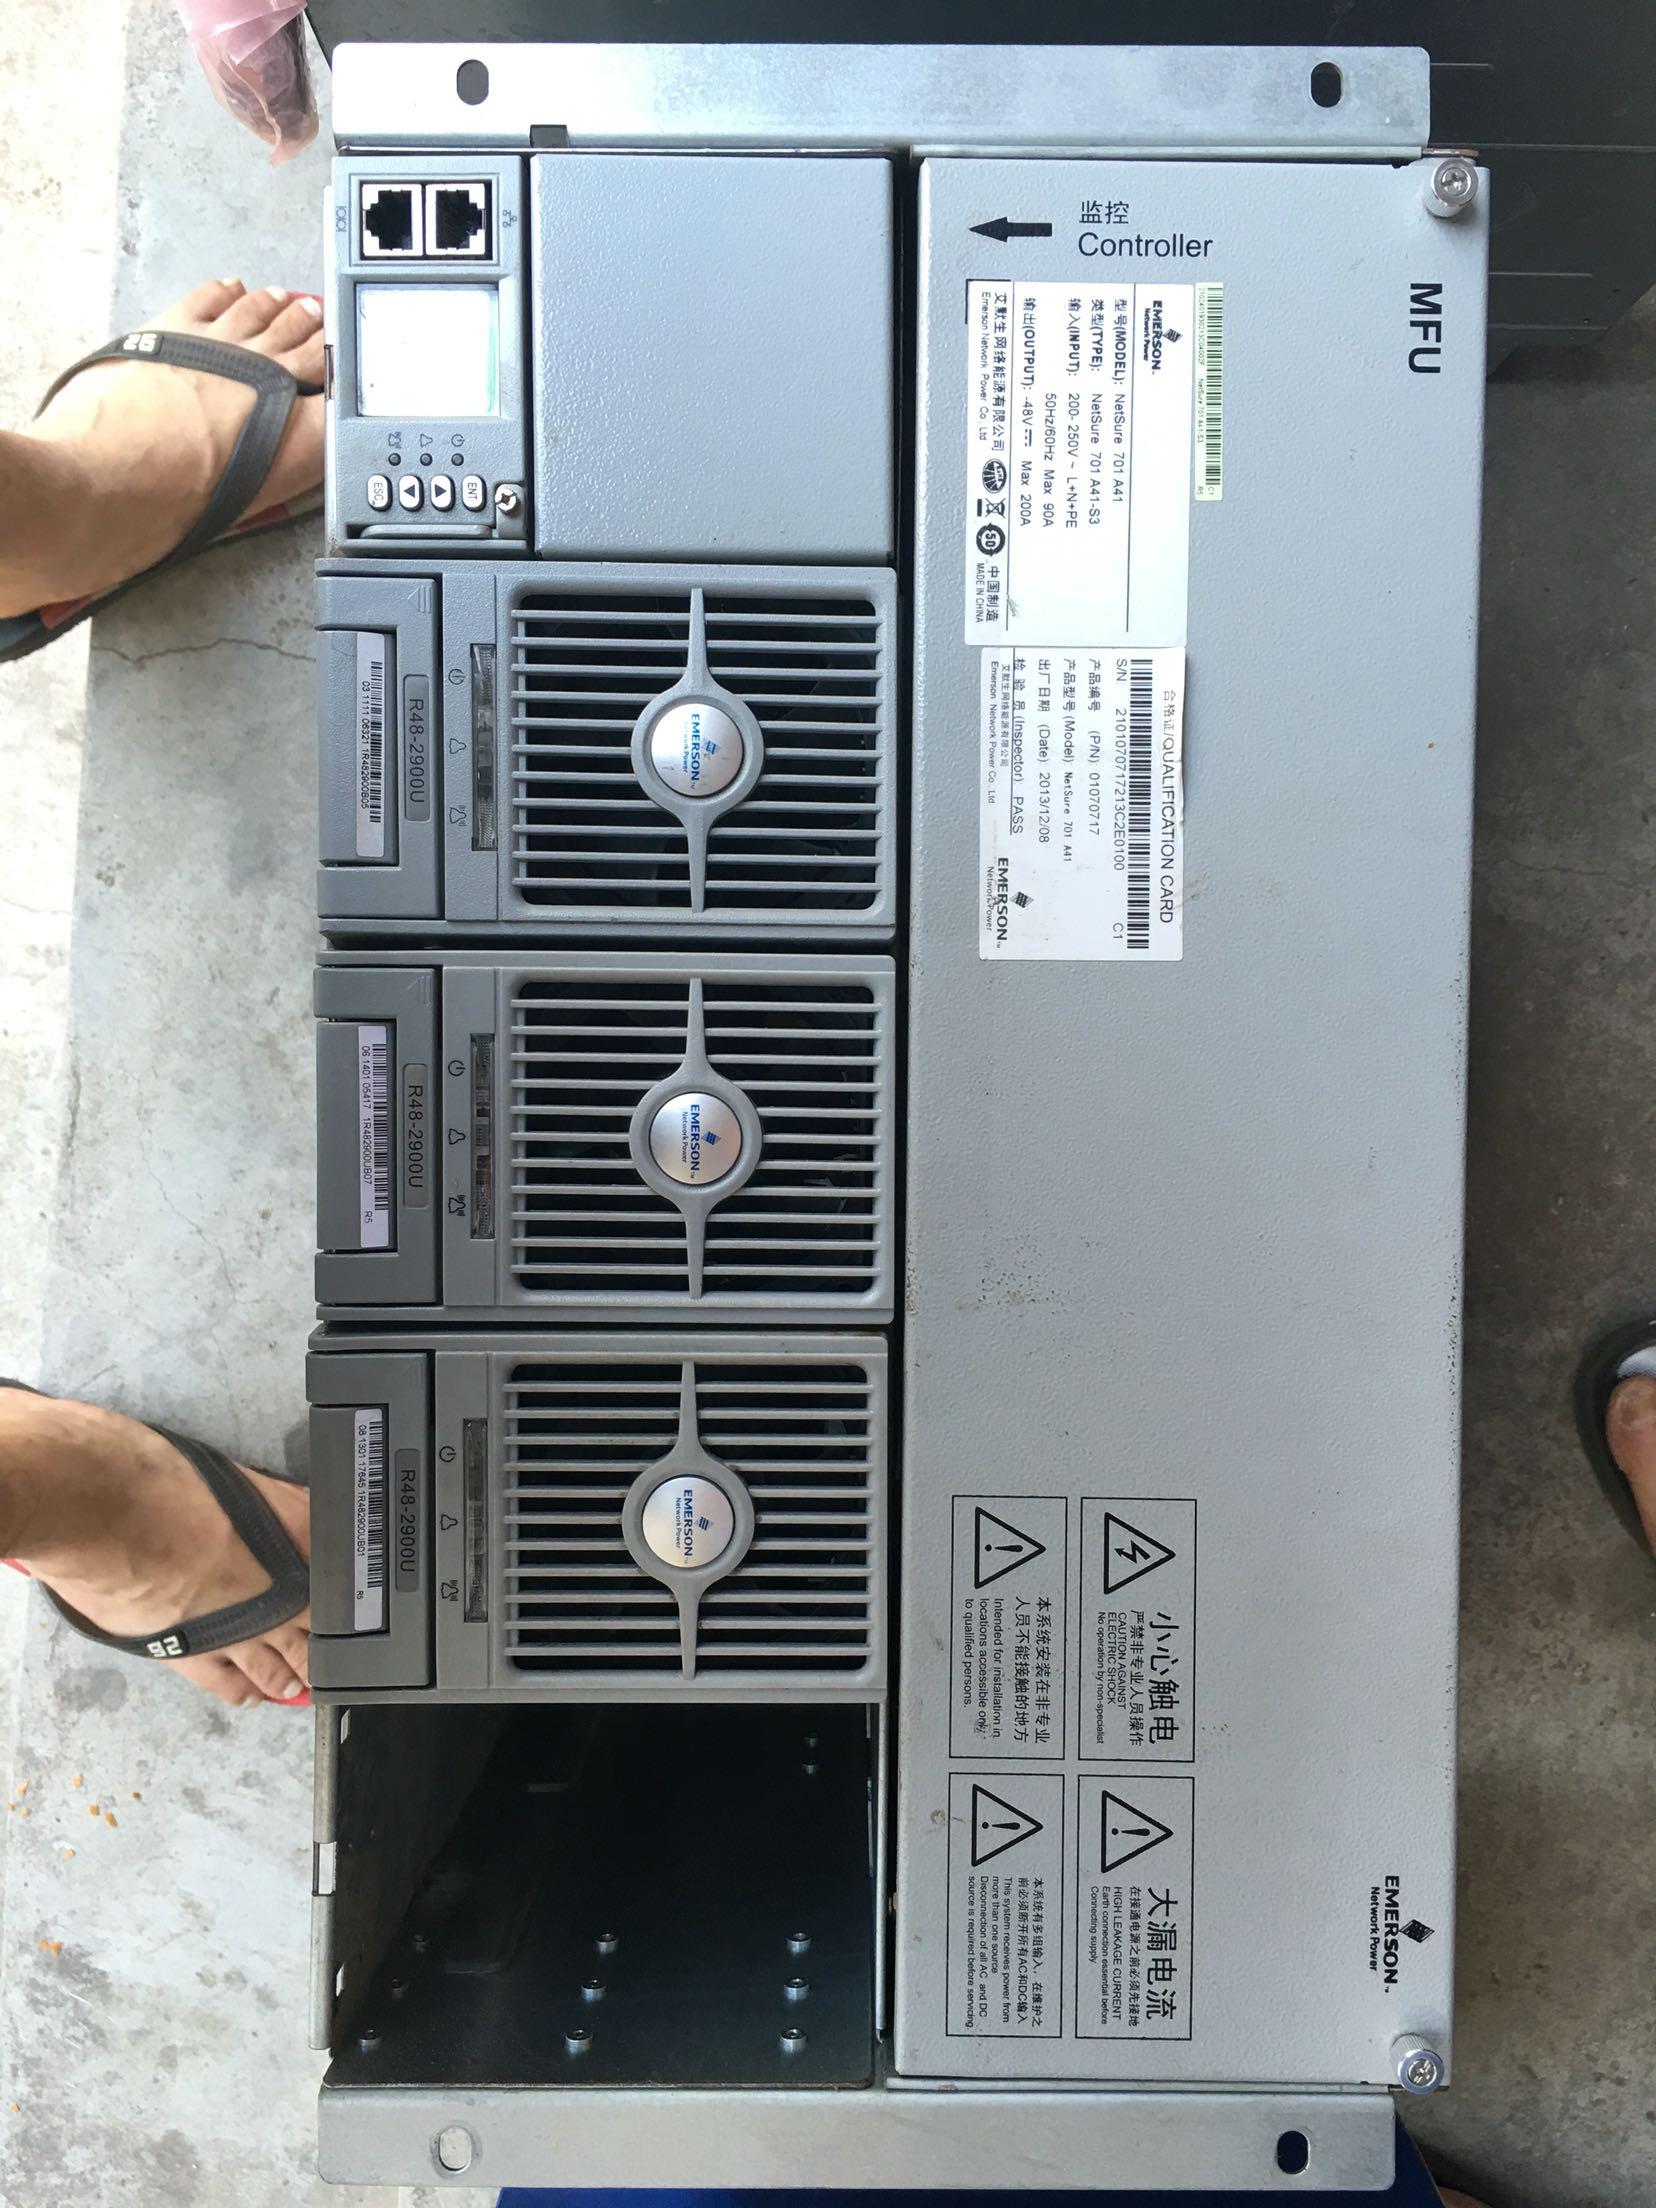 Aus R48-2900U Emerson Power Module, verpackt und spot - niedrigen Preis verkauft.